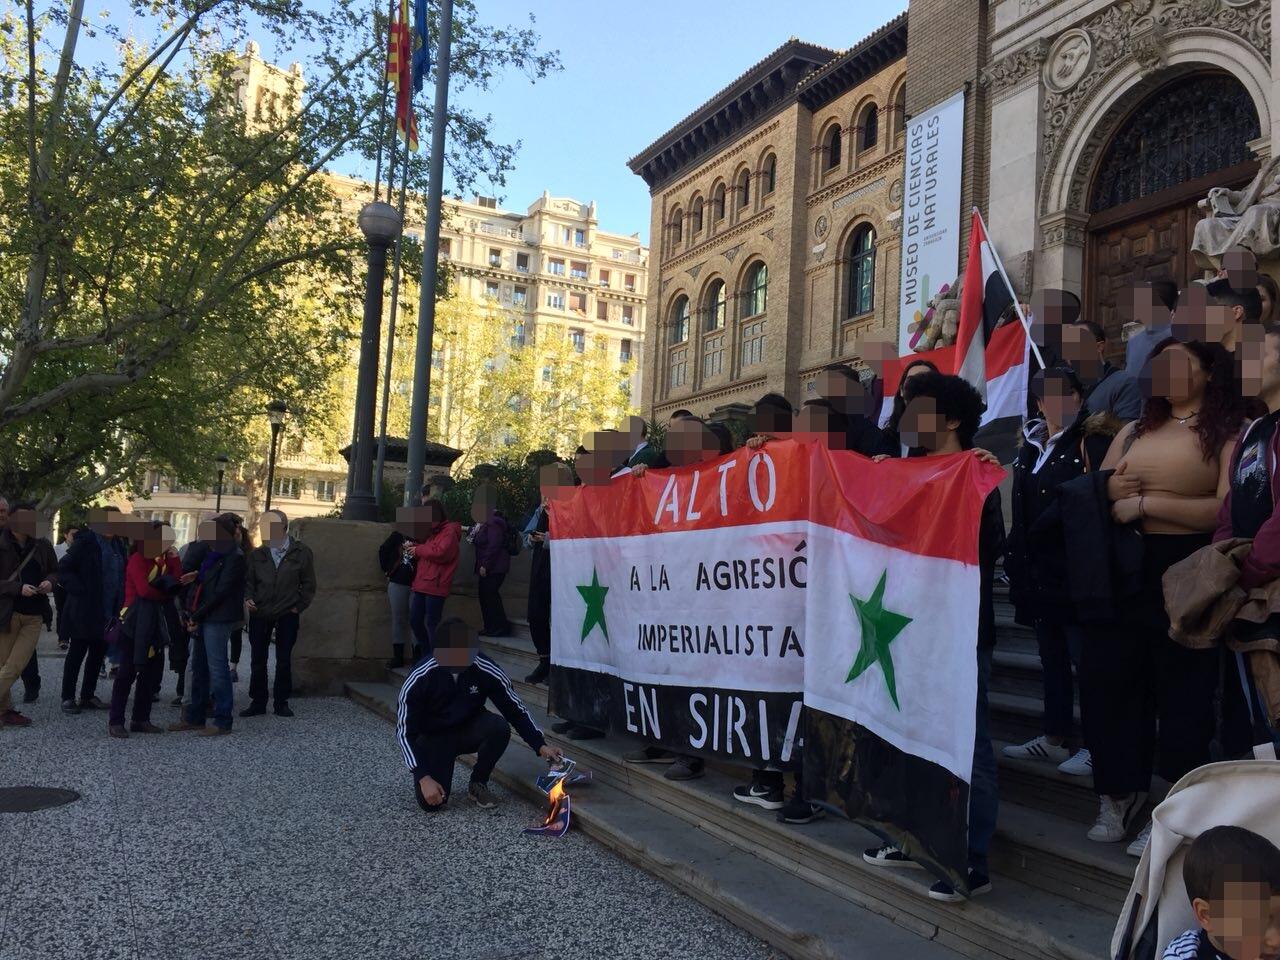 Fotos movilización contra el ataque Imperial a Siria del 13 de Abril. Zaragoza